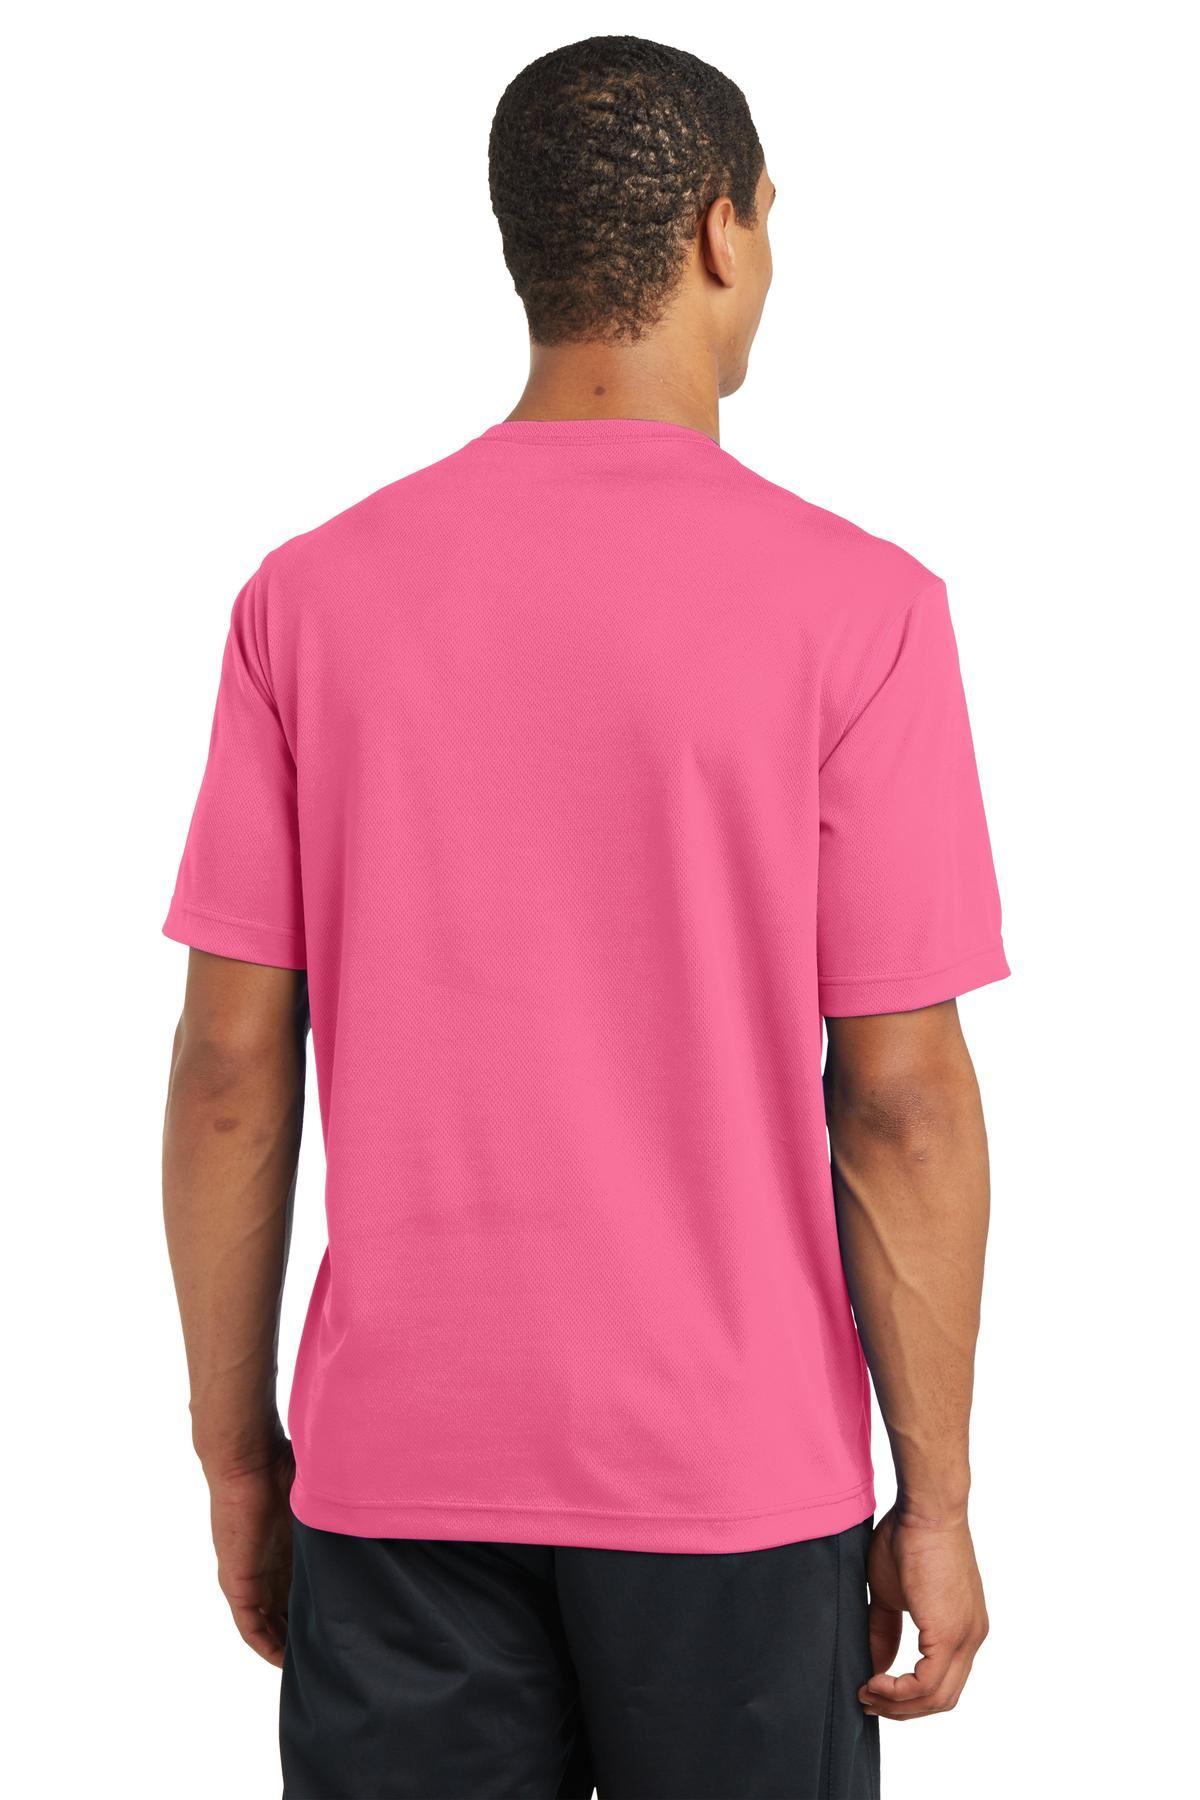 thumbnail 7 - Sport-Tek Men's Dry-Fit RacerMesh Moisture Wicking T-Shirt M-ST340